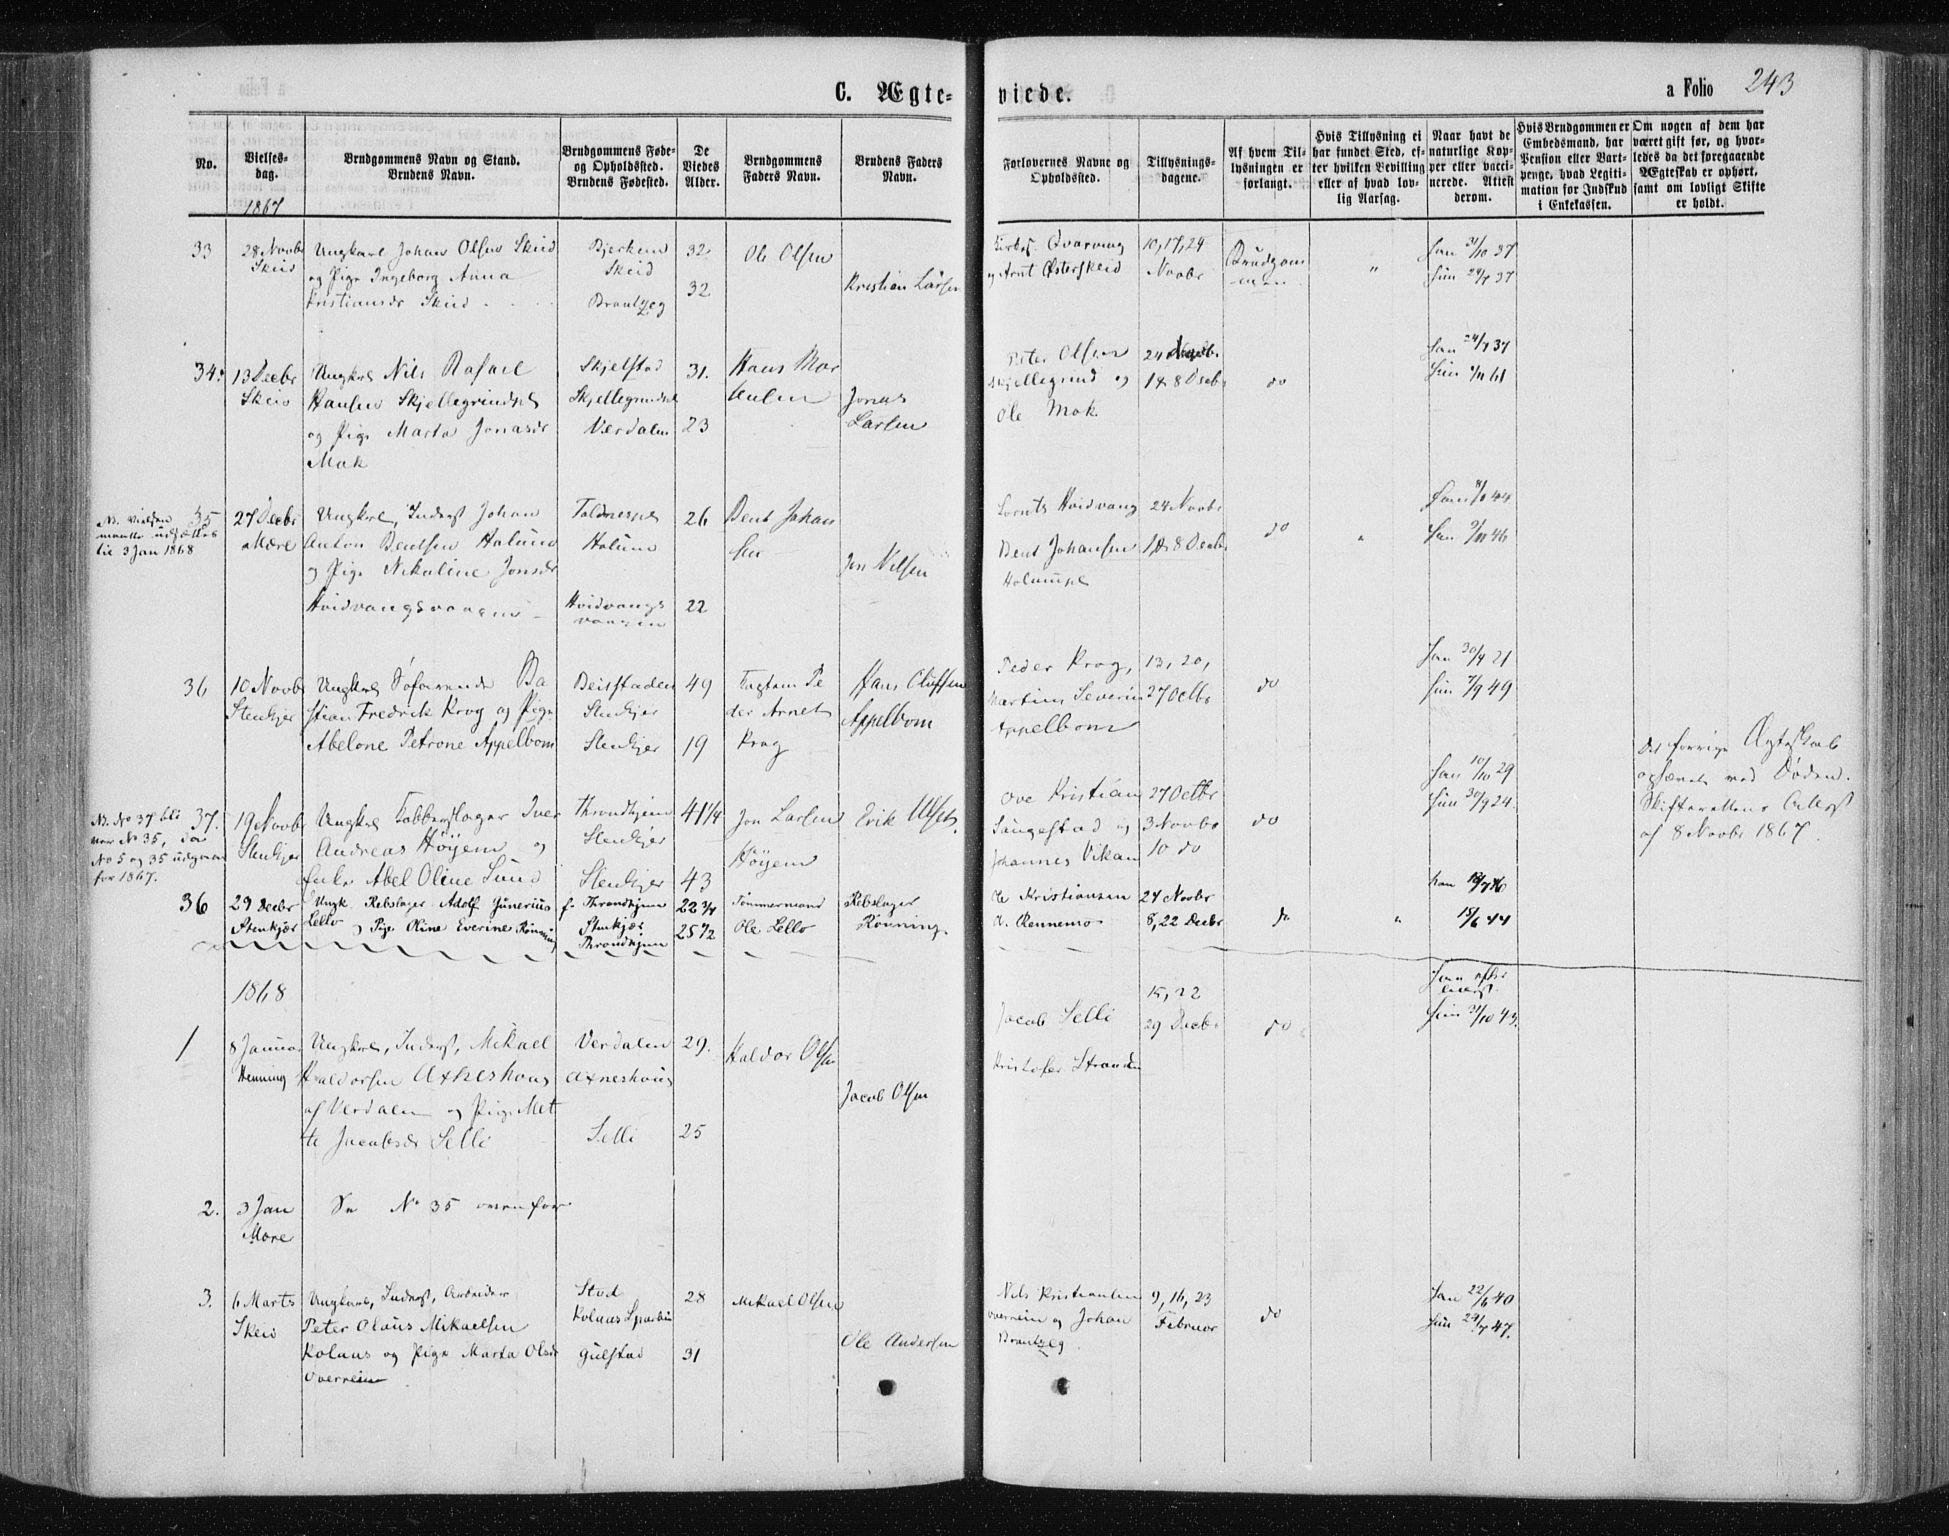 SAT, Ministerialprotokoller, klokkerbøker og fødselsregistre - Nord-Trøndelag, 735/L0345: Ministerialbok nr. 735A08 /1, 1863-1872, s. 243